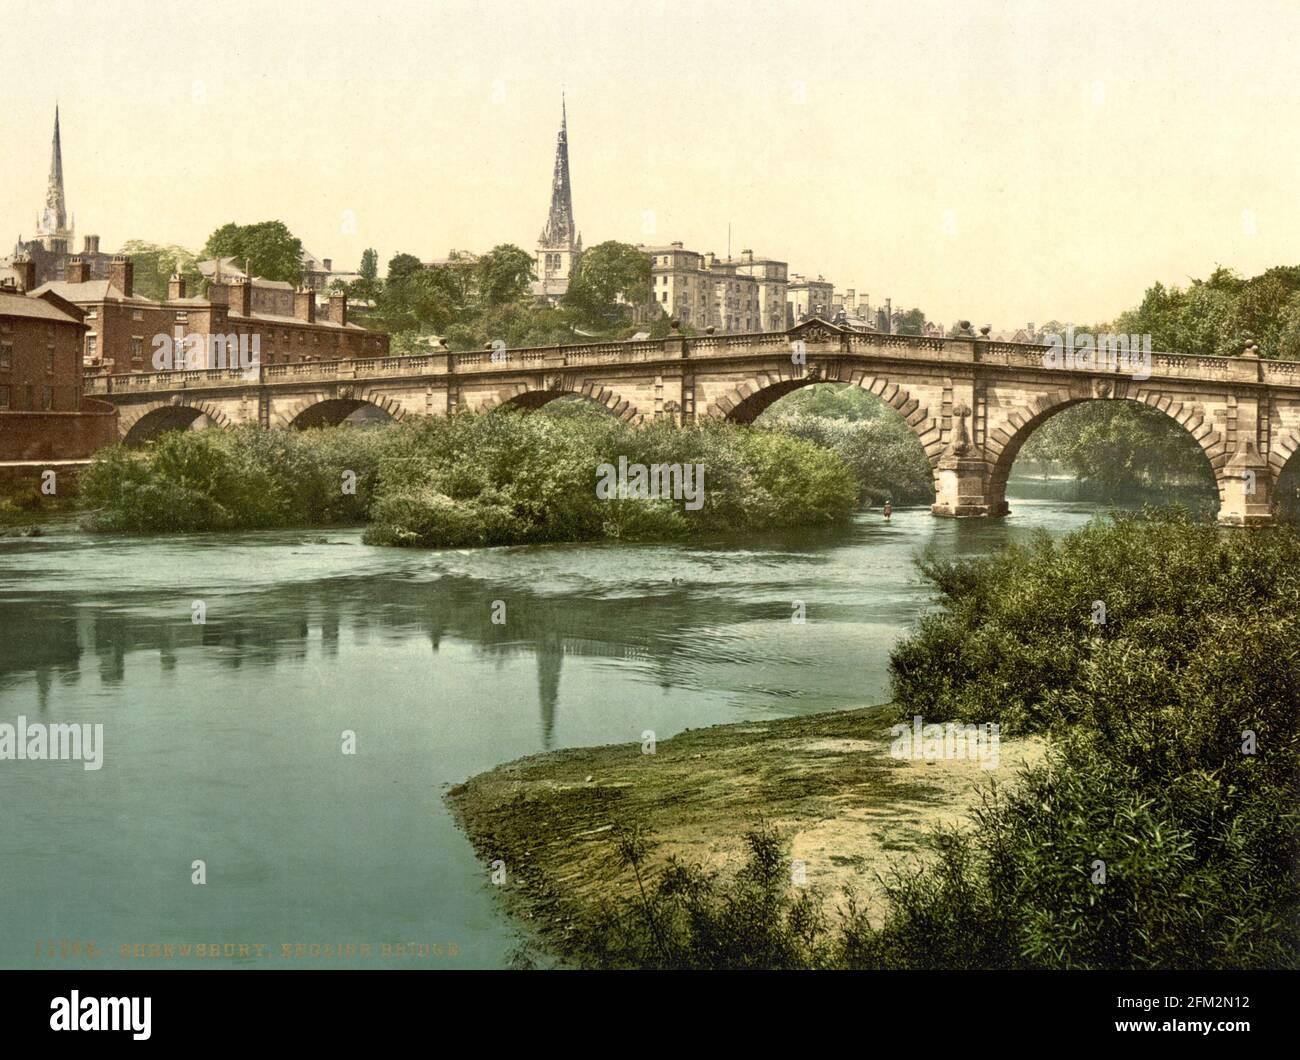 English Bridge et la rivière Severn à Shrewsbury Shropshire vers 1890-1900 Banque D'Images